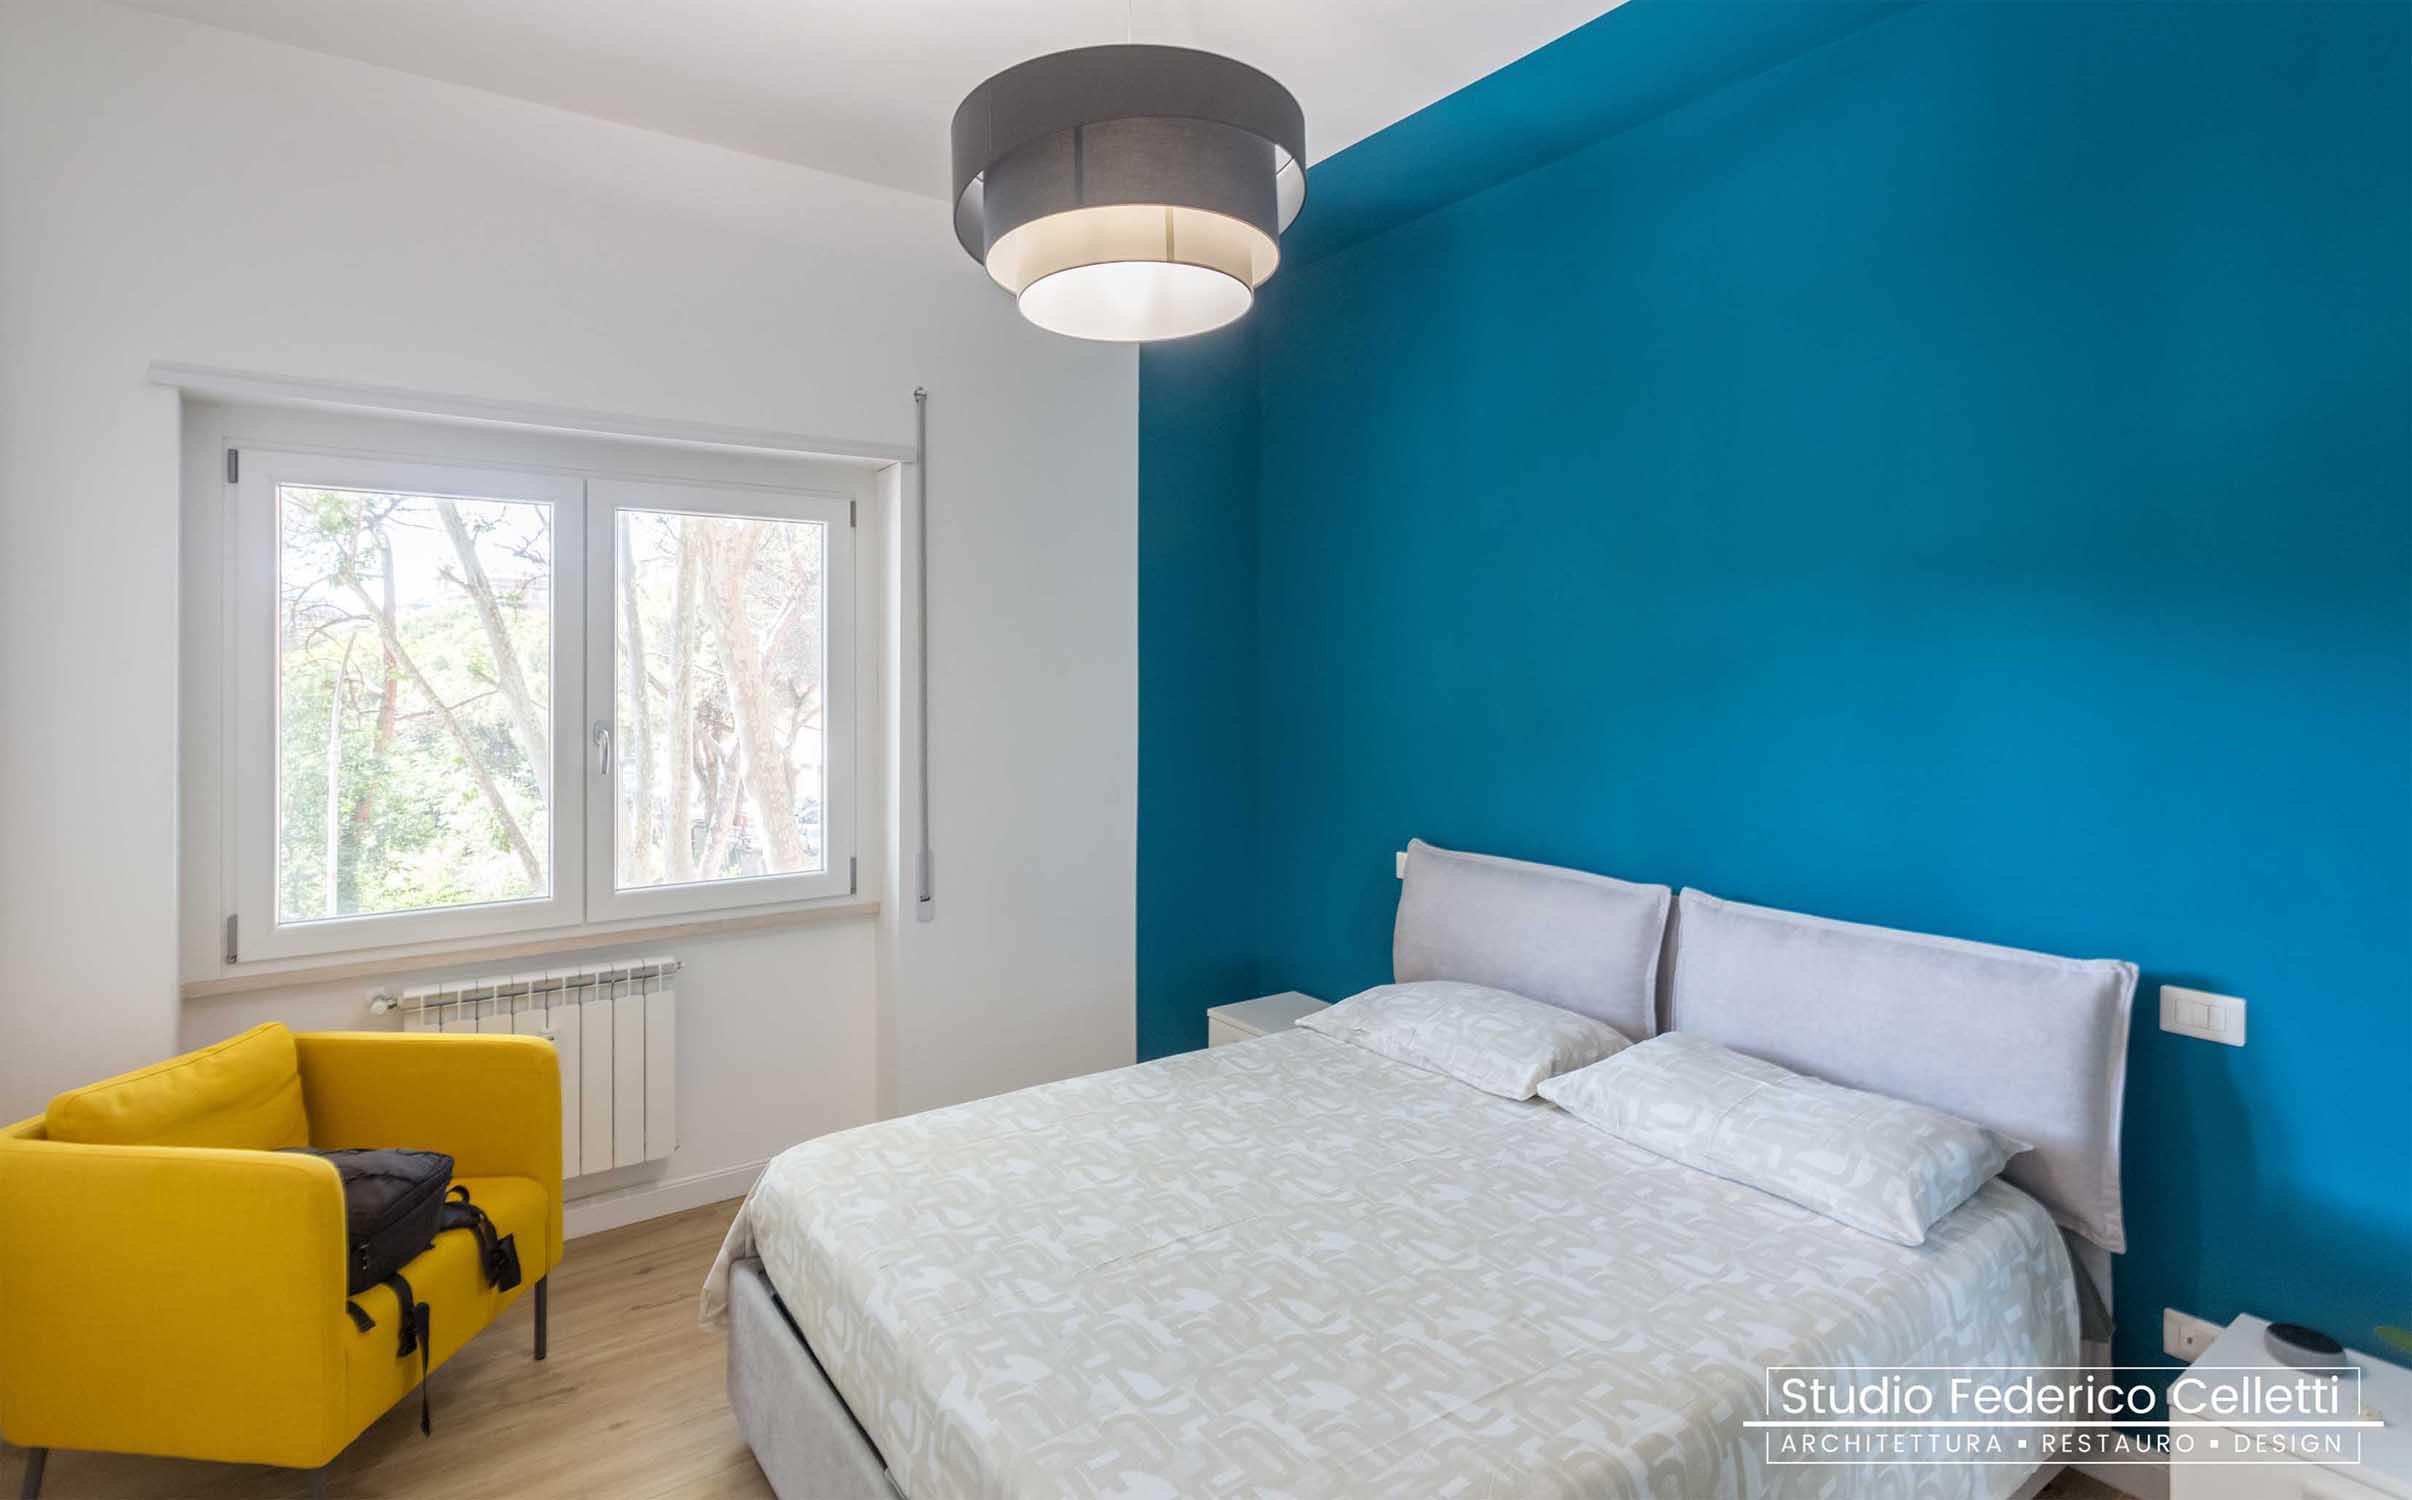 Camera da letto Penguin House Dopo i lavori di Restauro e Interior Design